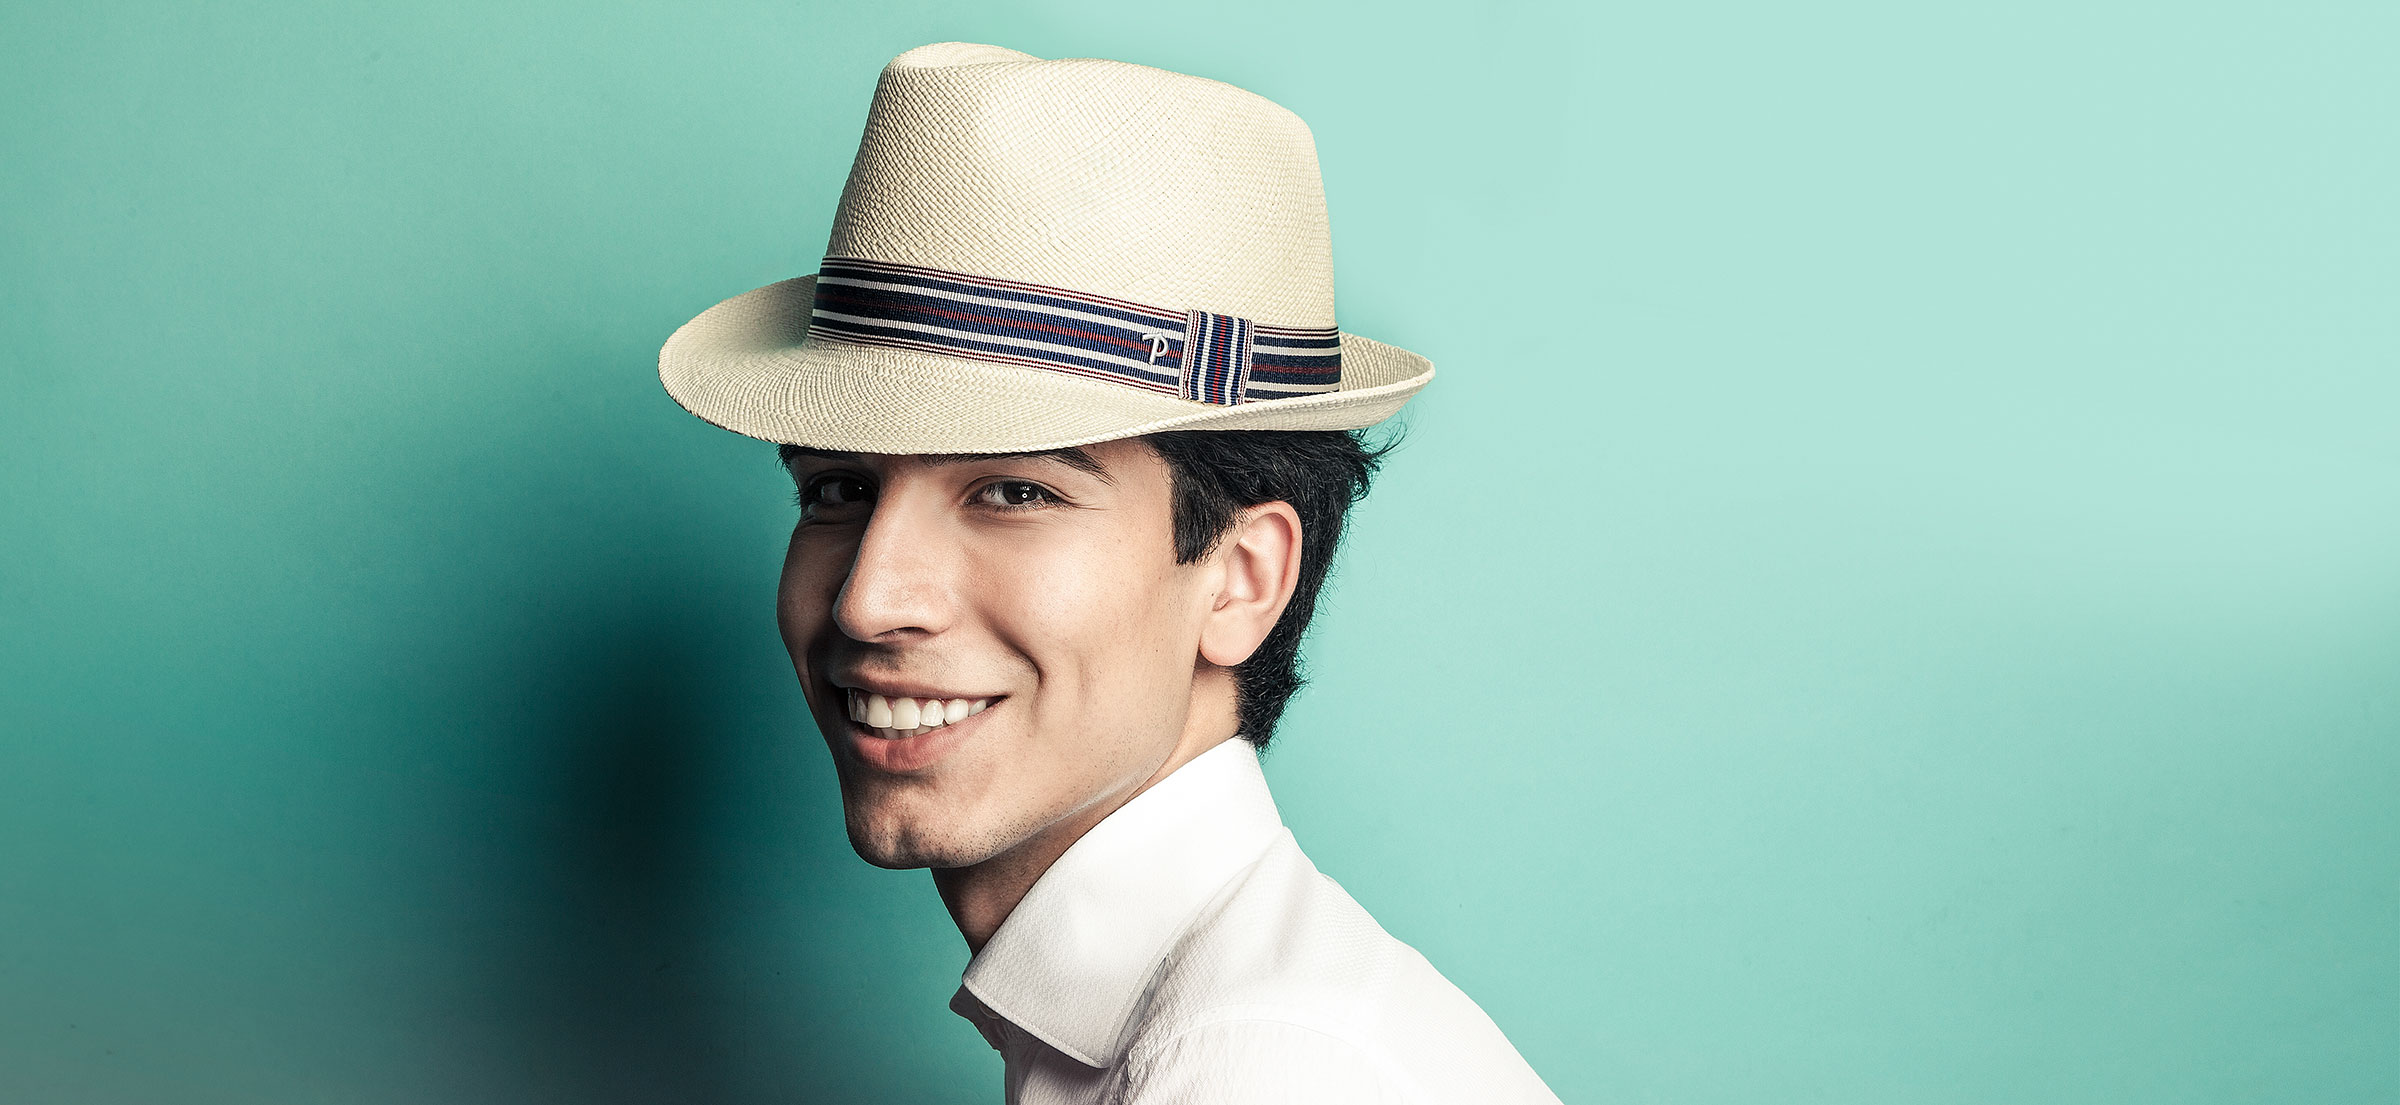 cappelli-uomo-realizzati-in-italia